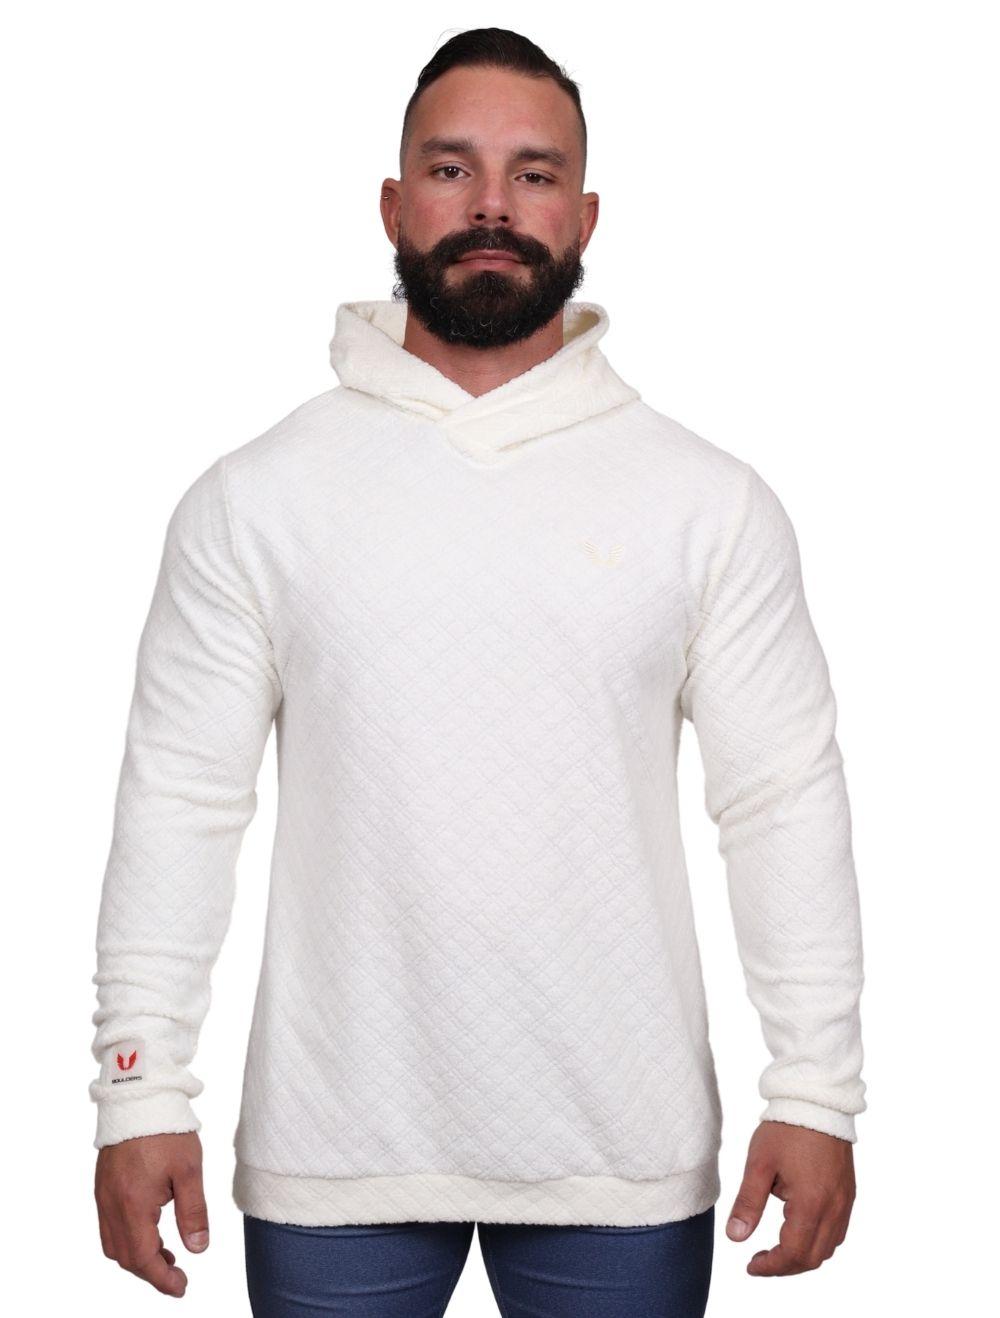 Blusa de malha Masculina Peluciada com Capuz Off White